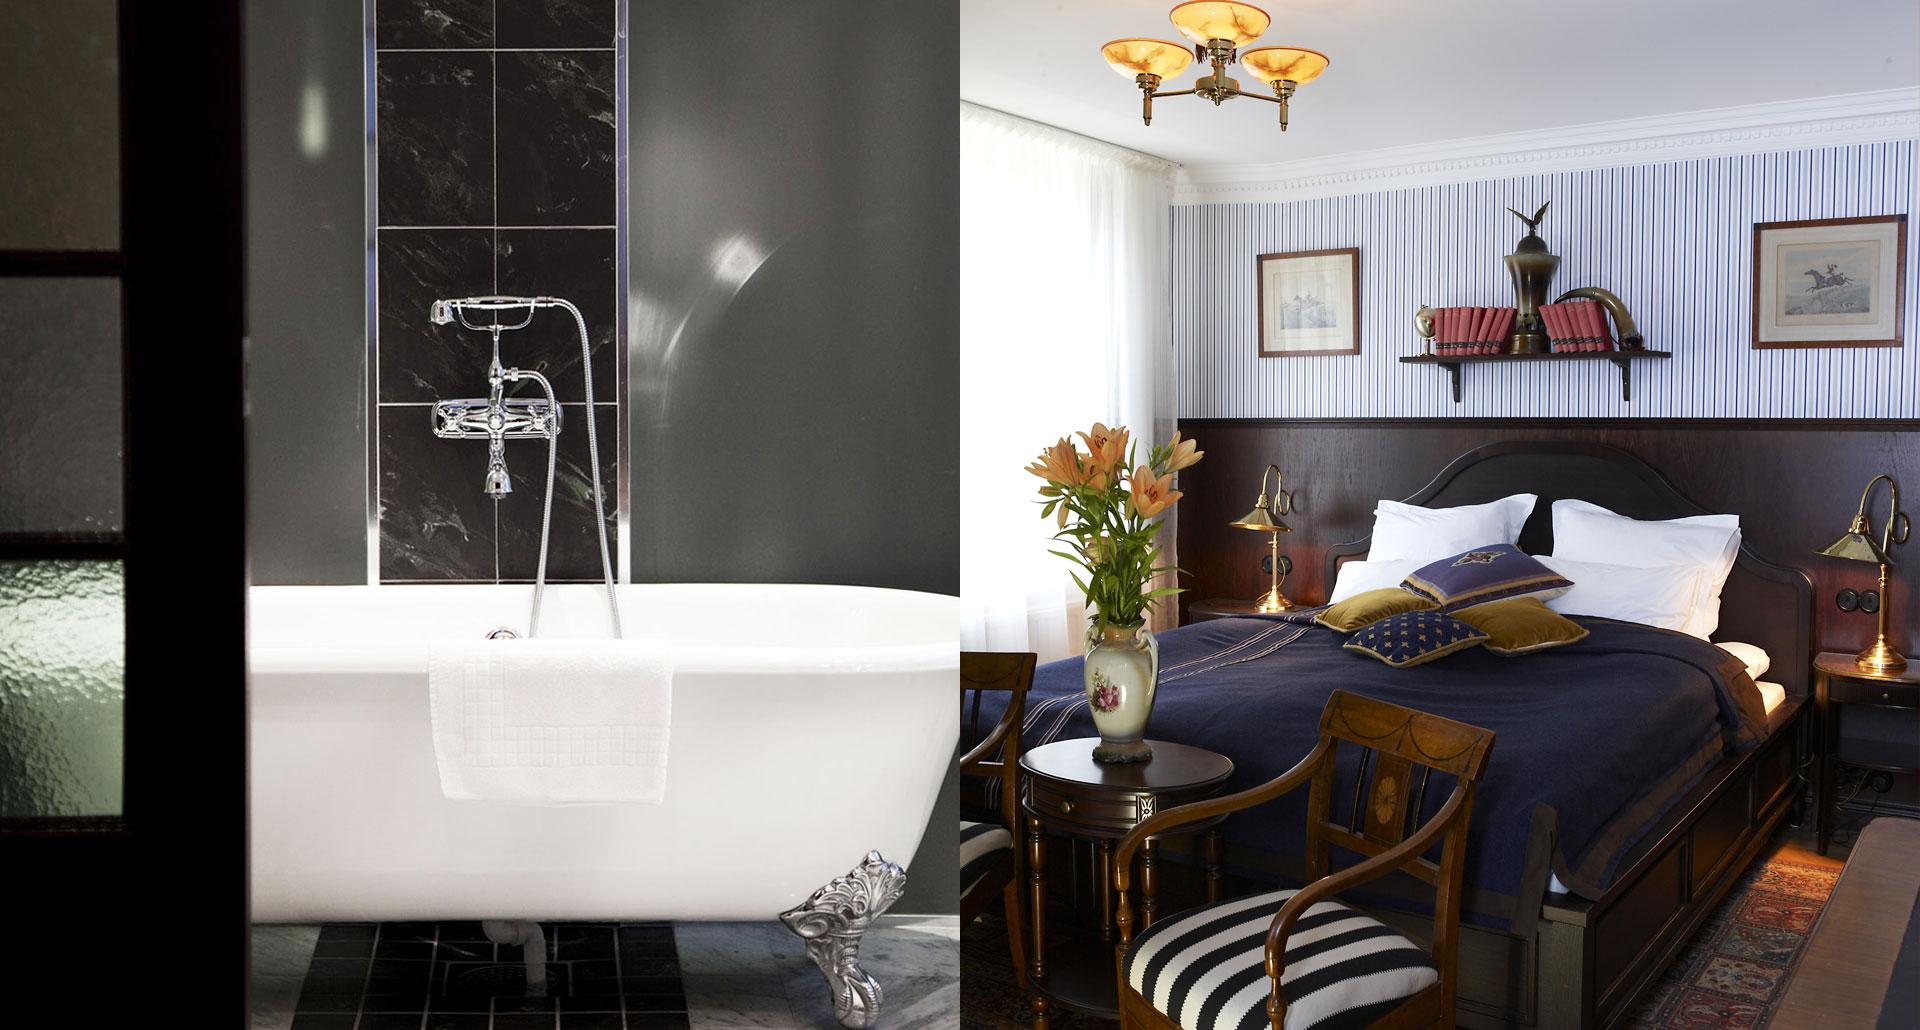 c/o Haringe Slott - romantic boutique hotel in Stockholm, Sweden